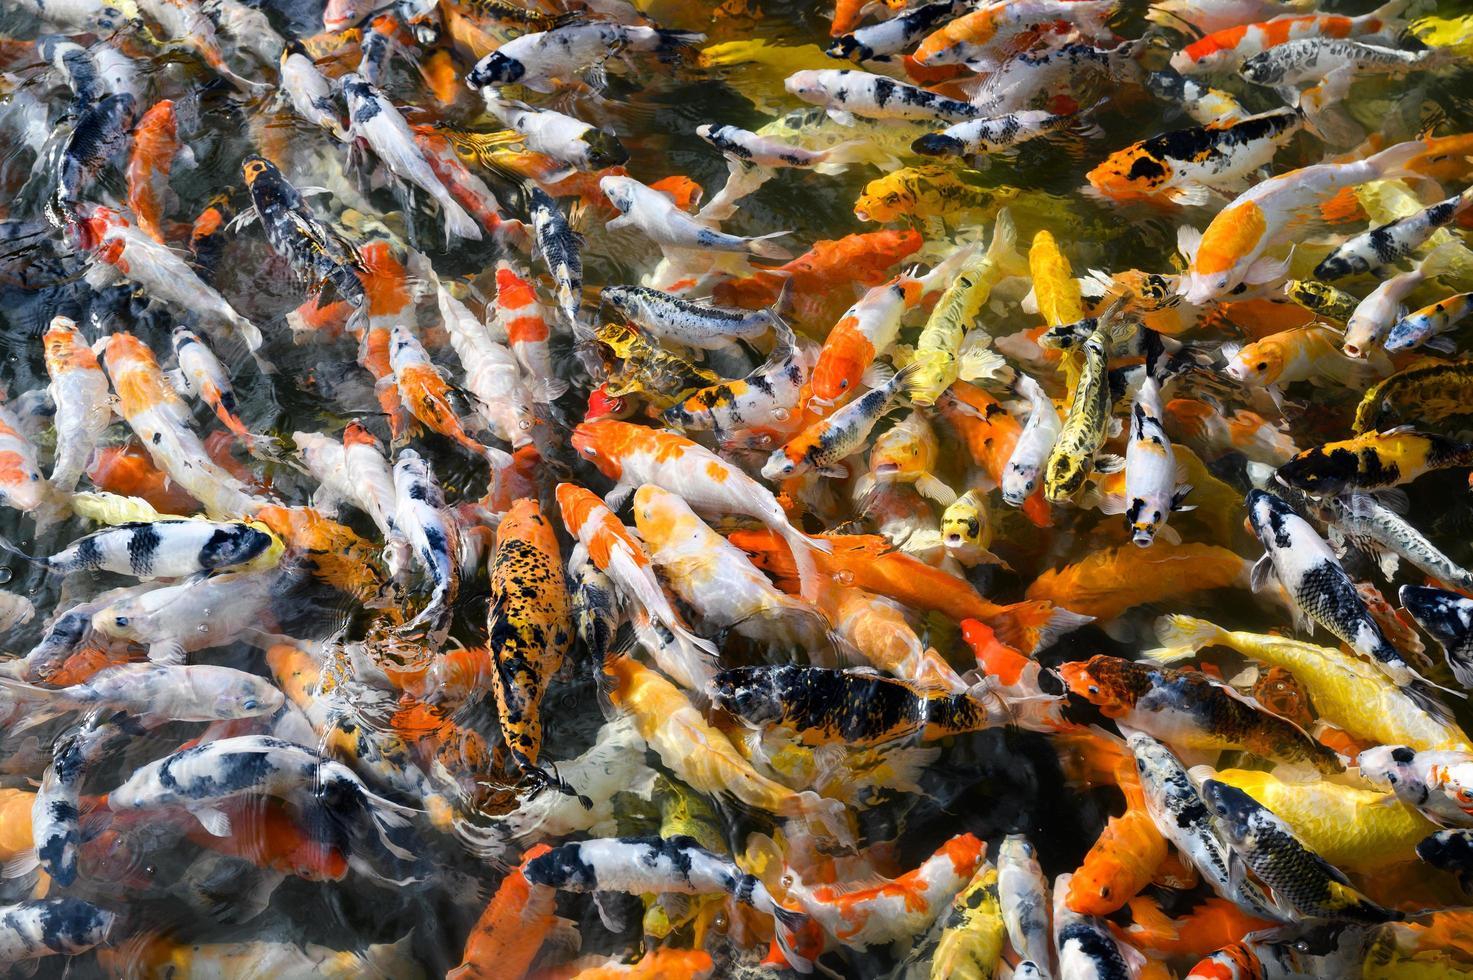 peces koi nadando en un estanque foto